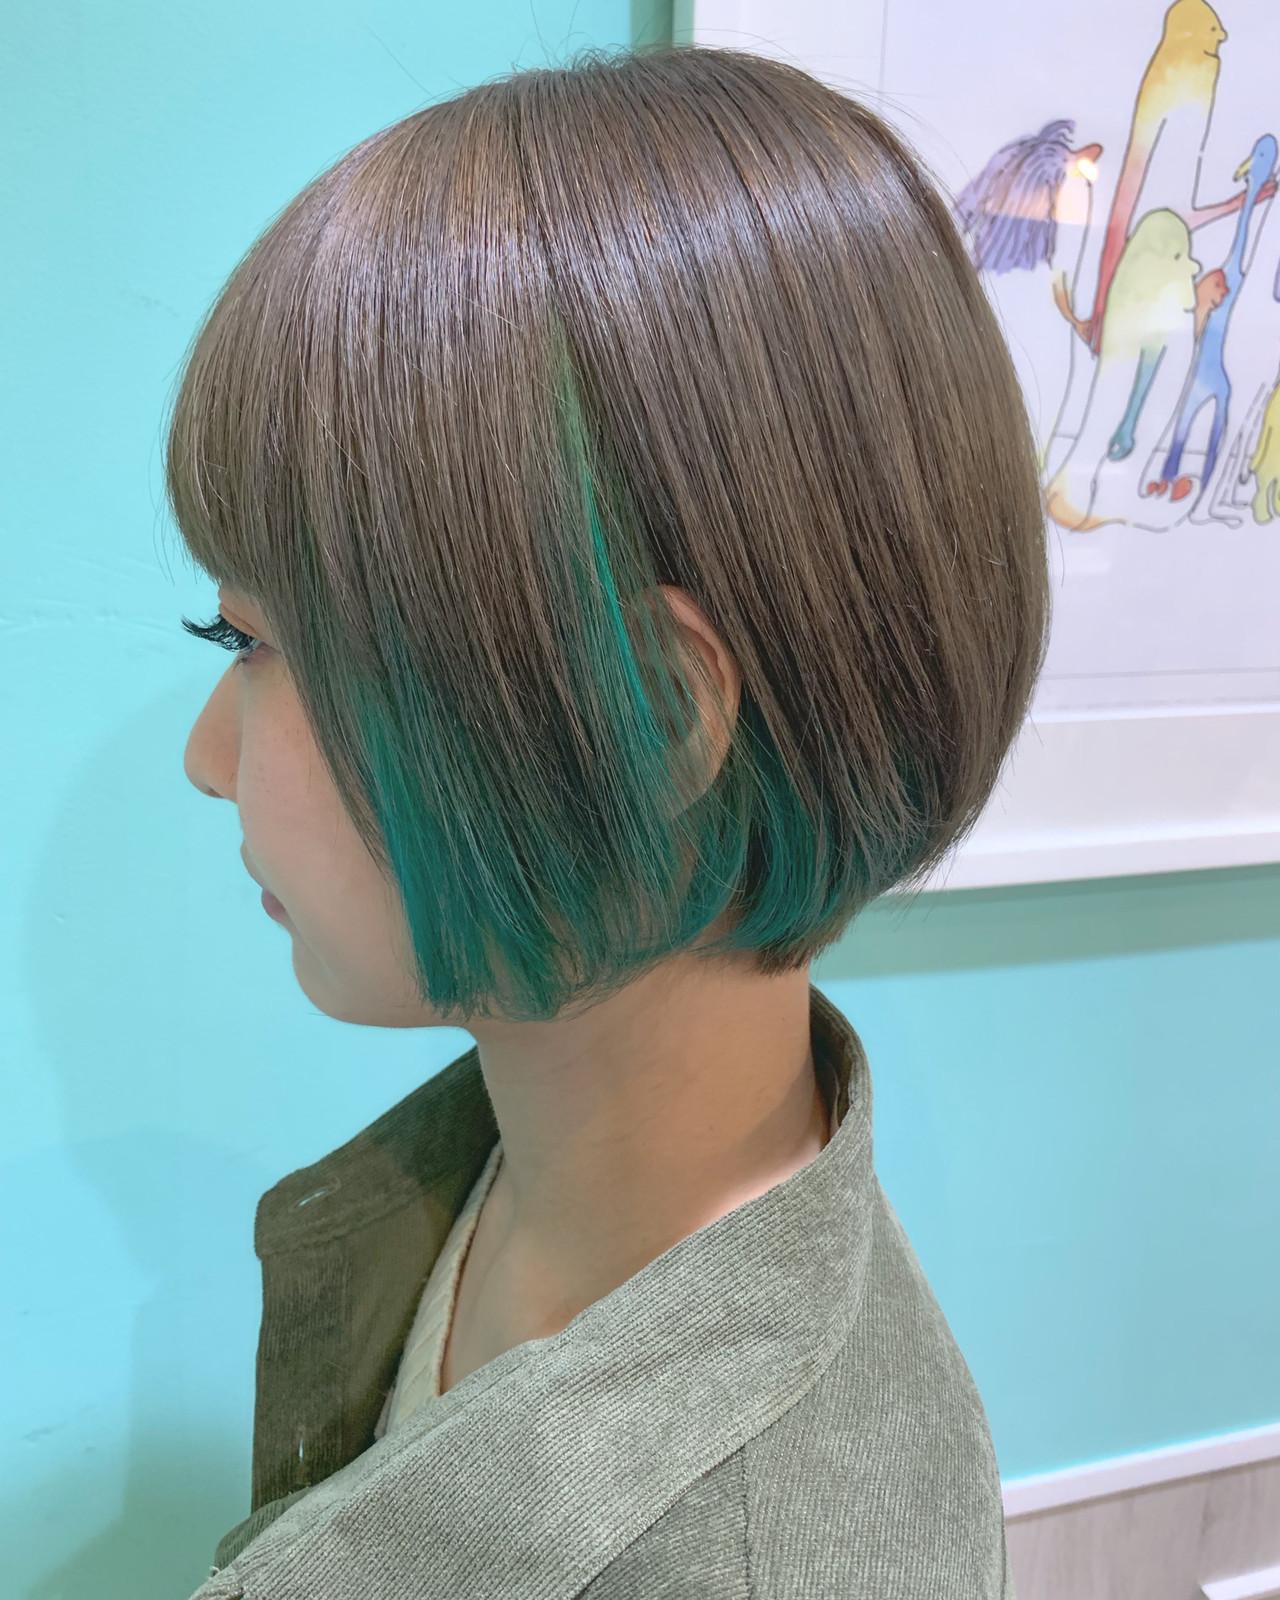 ストレート×グリーンのストリート系ヘアスタイル☆ 松田千穂